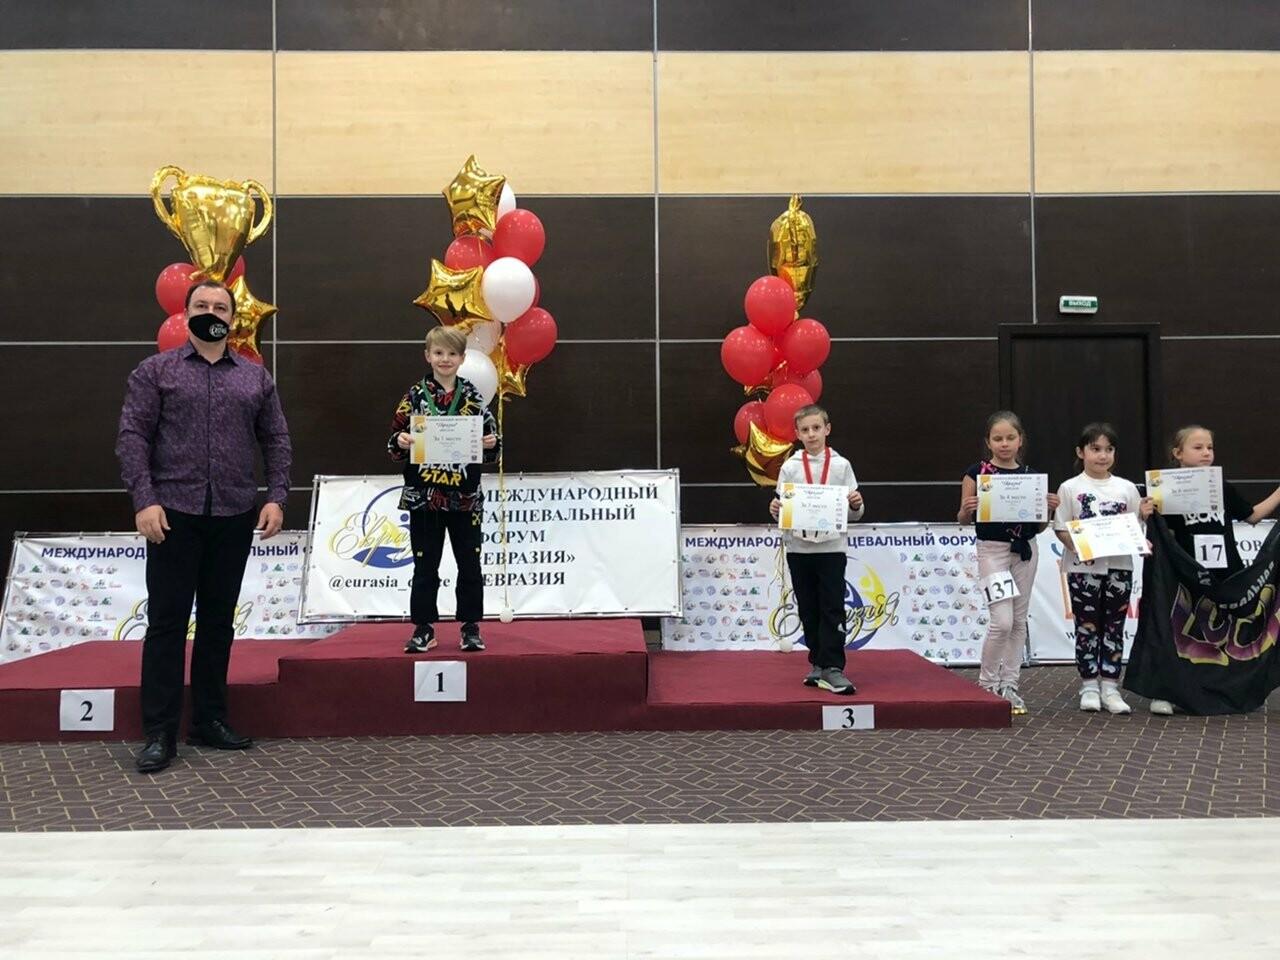 Танцоры из Новошахтинска привезли награды престижных соревнований, фото-4